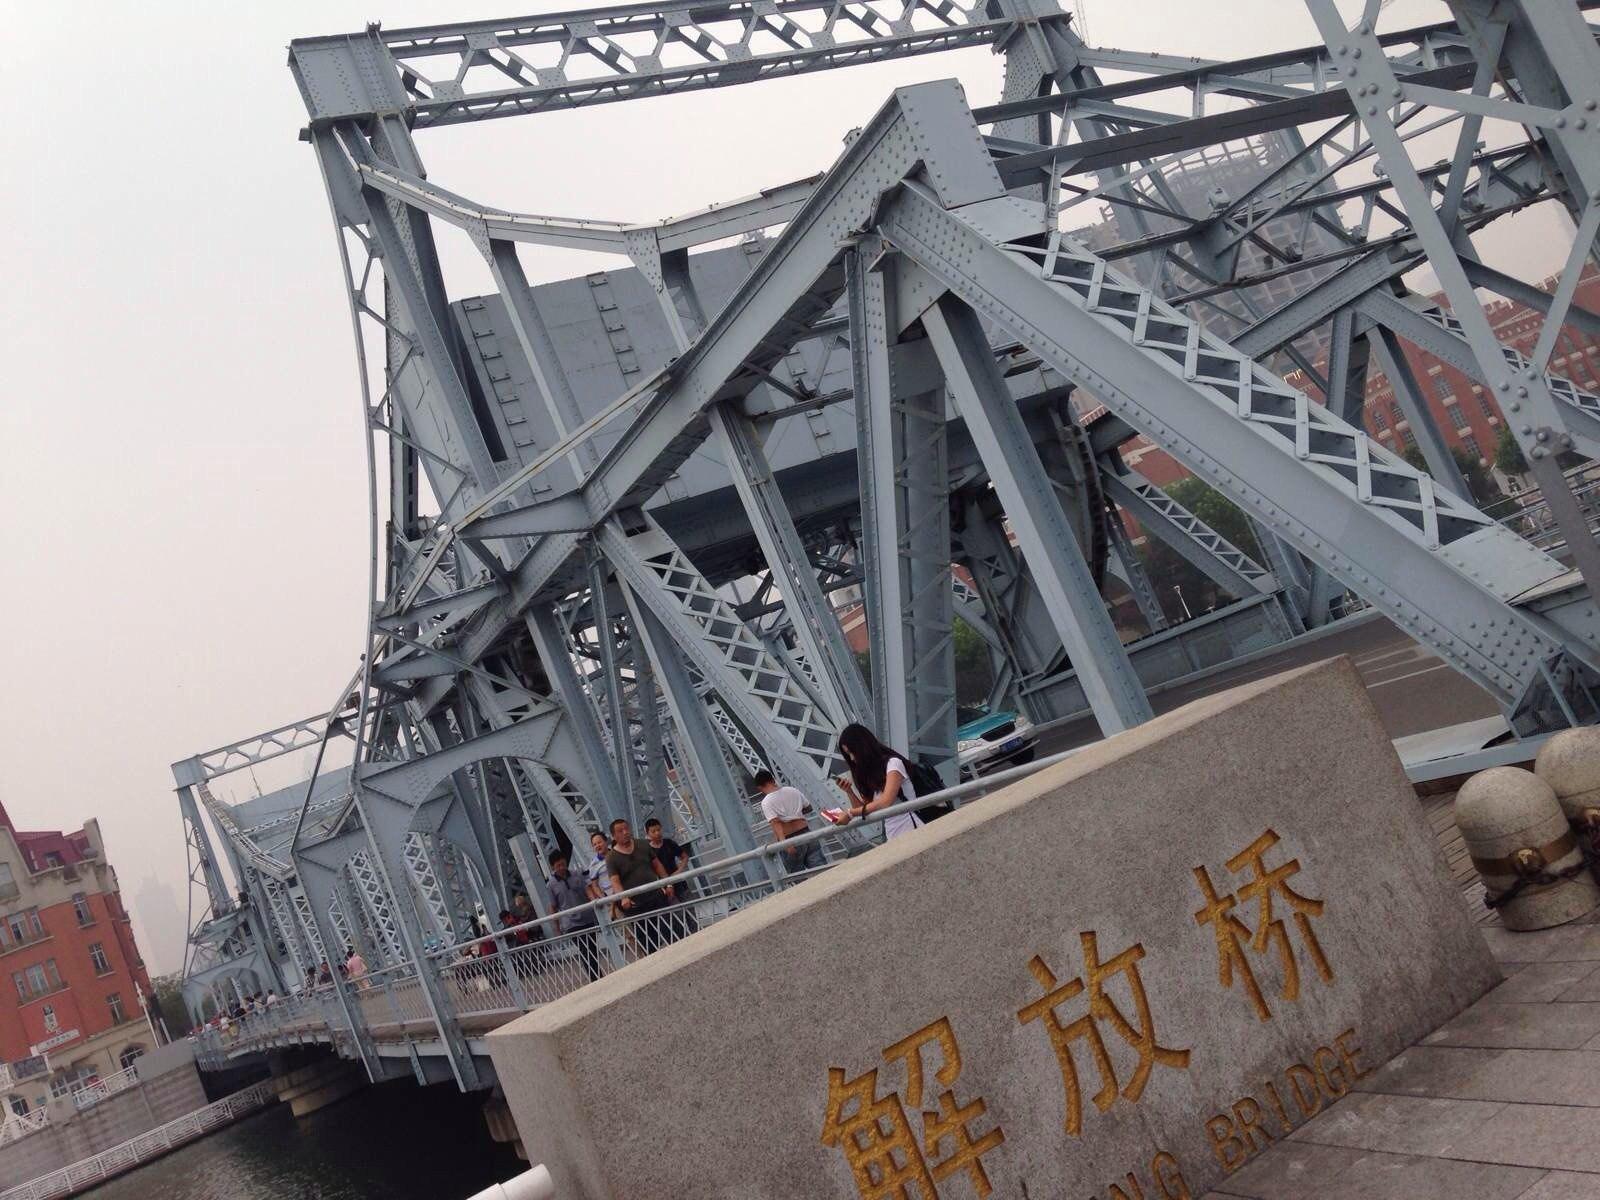 解放桥原名万国桥,钢架结构,中间通车两旁行人